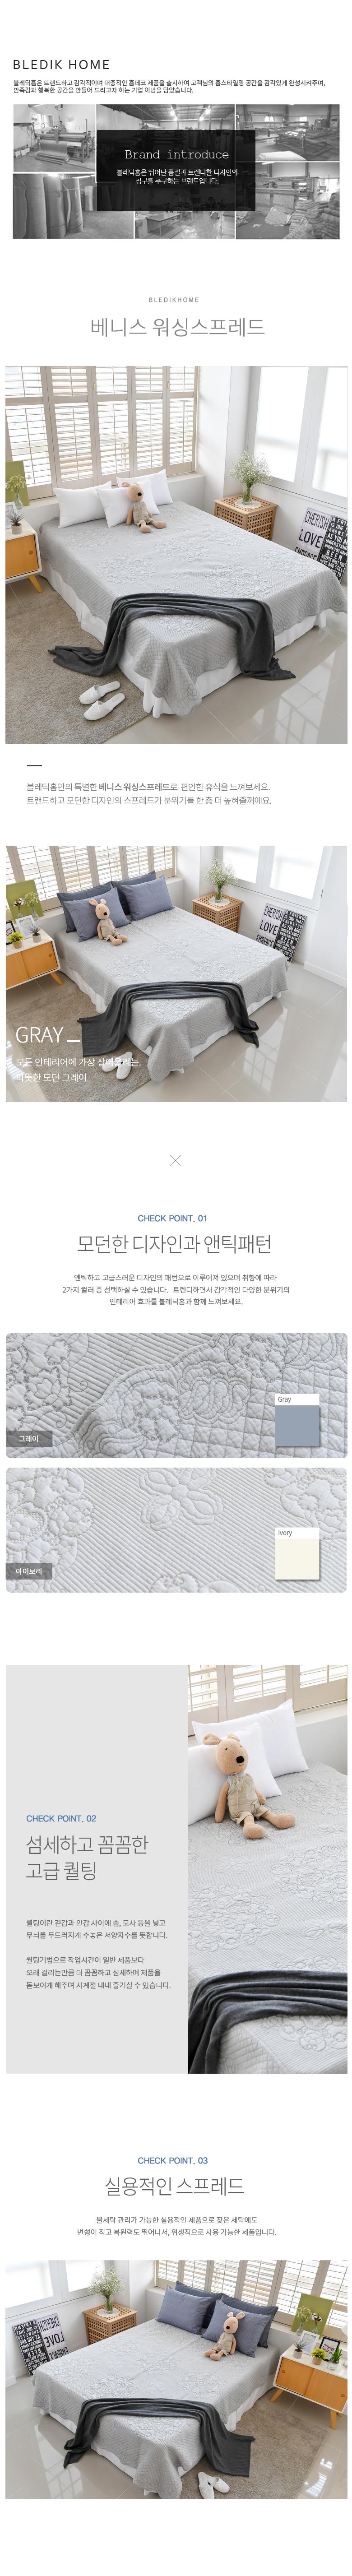 베니스 워싱스프레드 - 블레딕홈, 199,000원, 침구 단품, 패드/스프레드